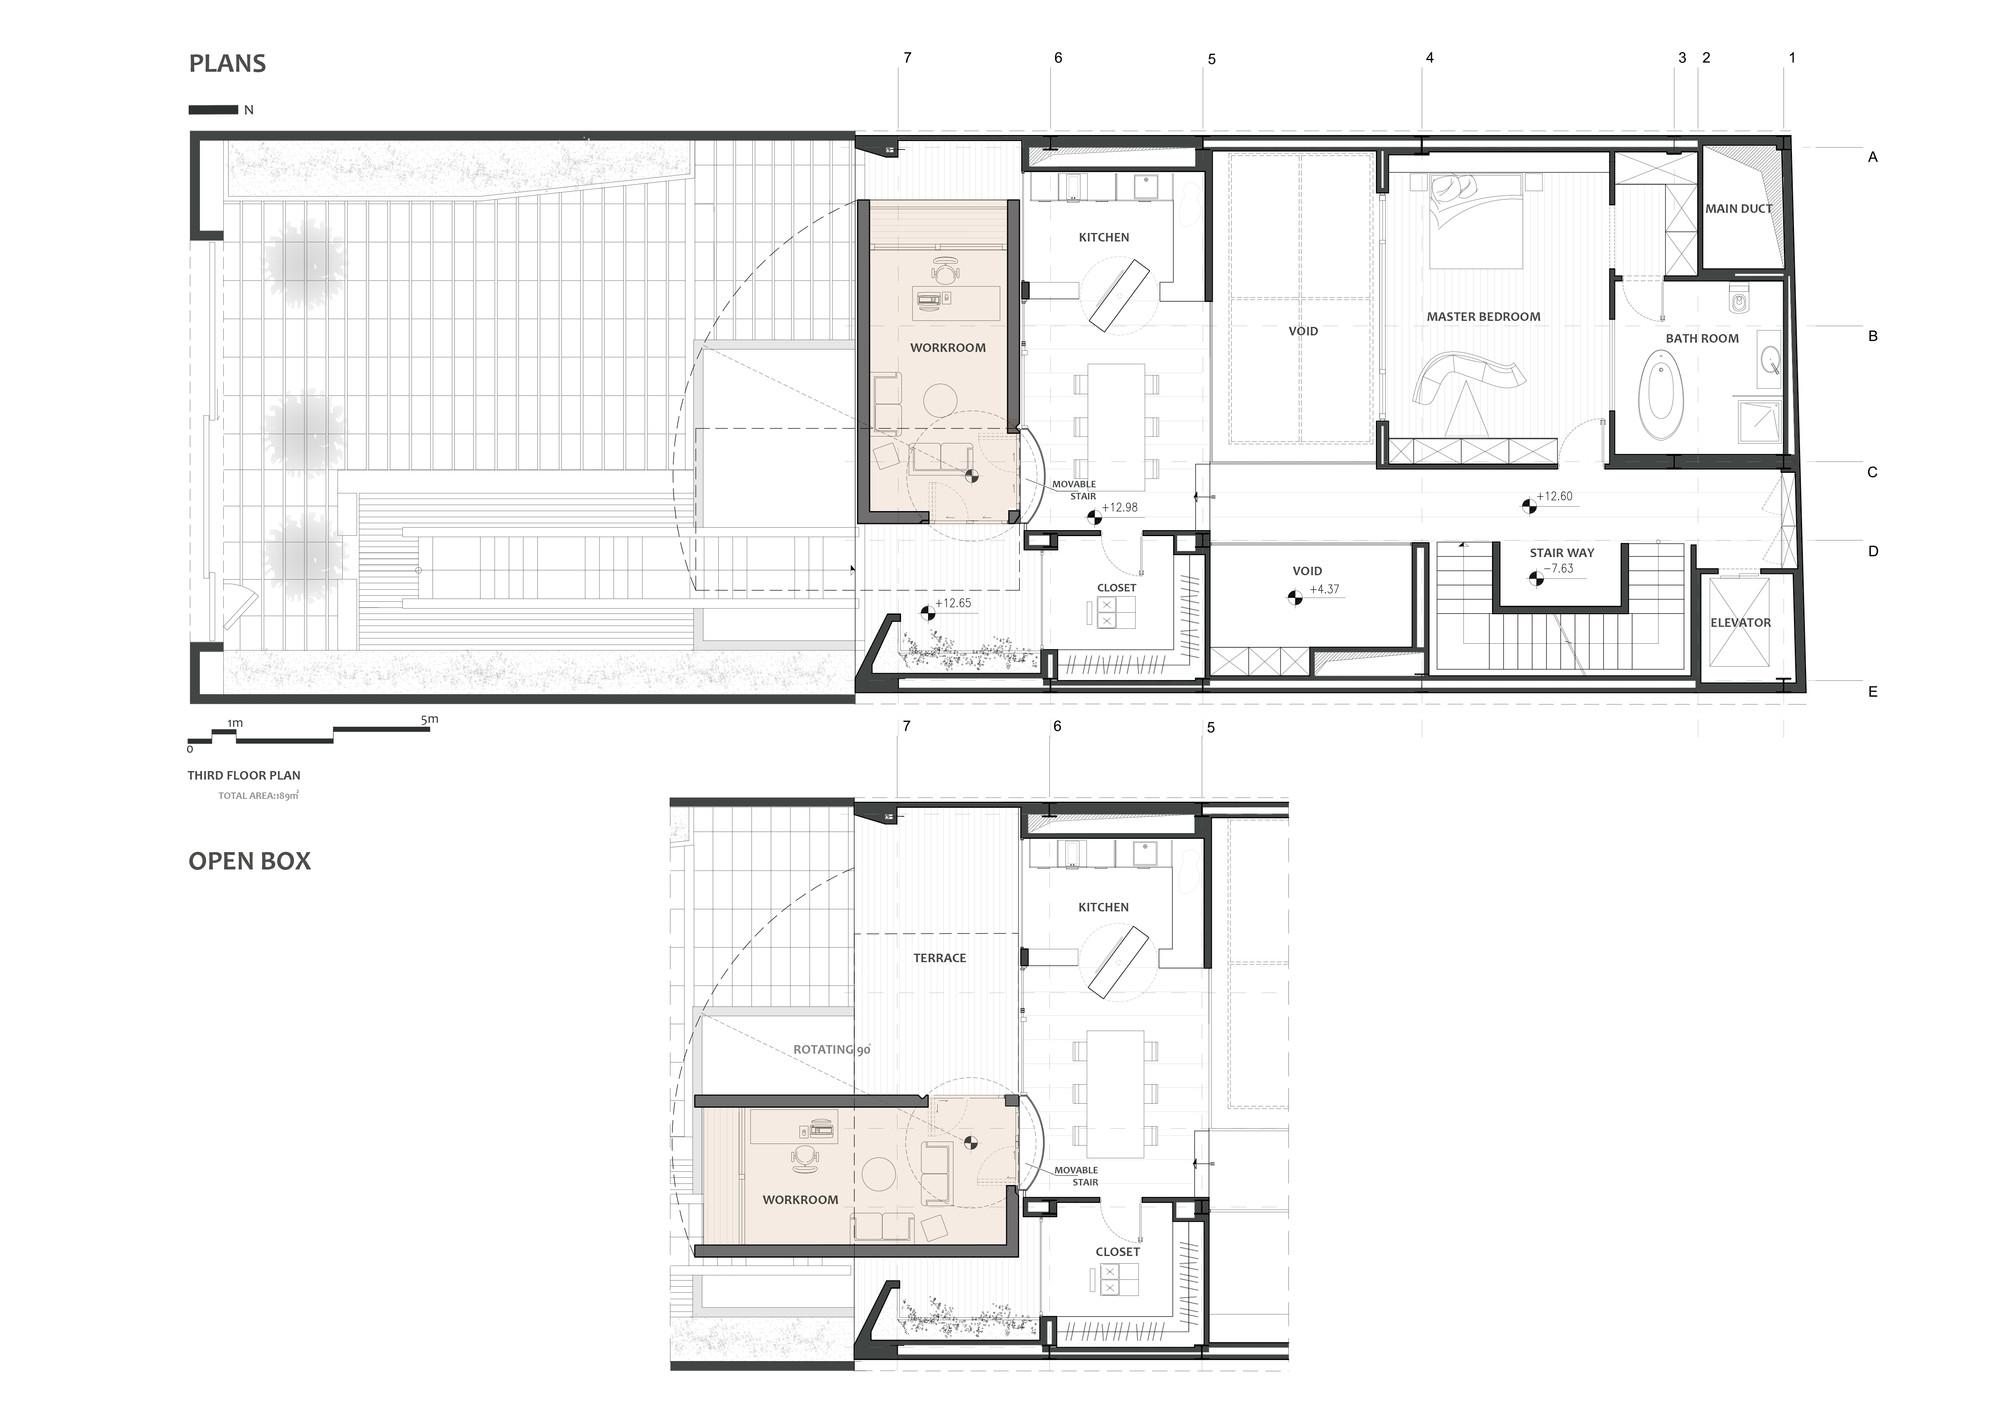 دانلود نقشه ساختمان مسکونی,دانلود پلان مجتمع مسکونی,دانلود پلان های معماری